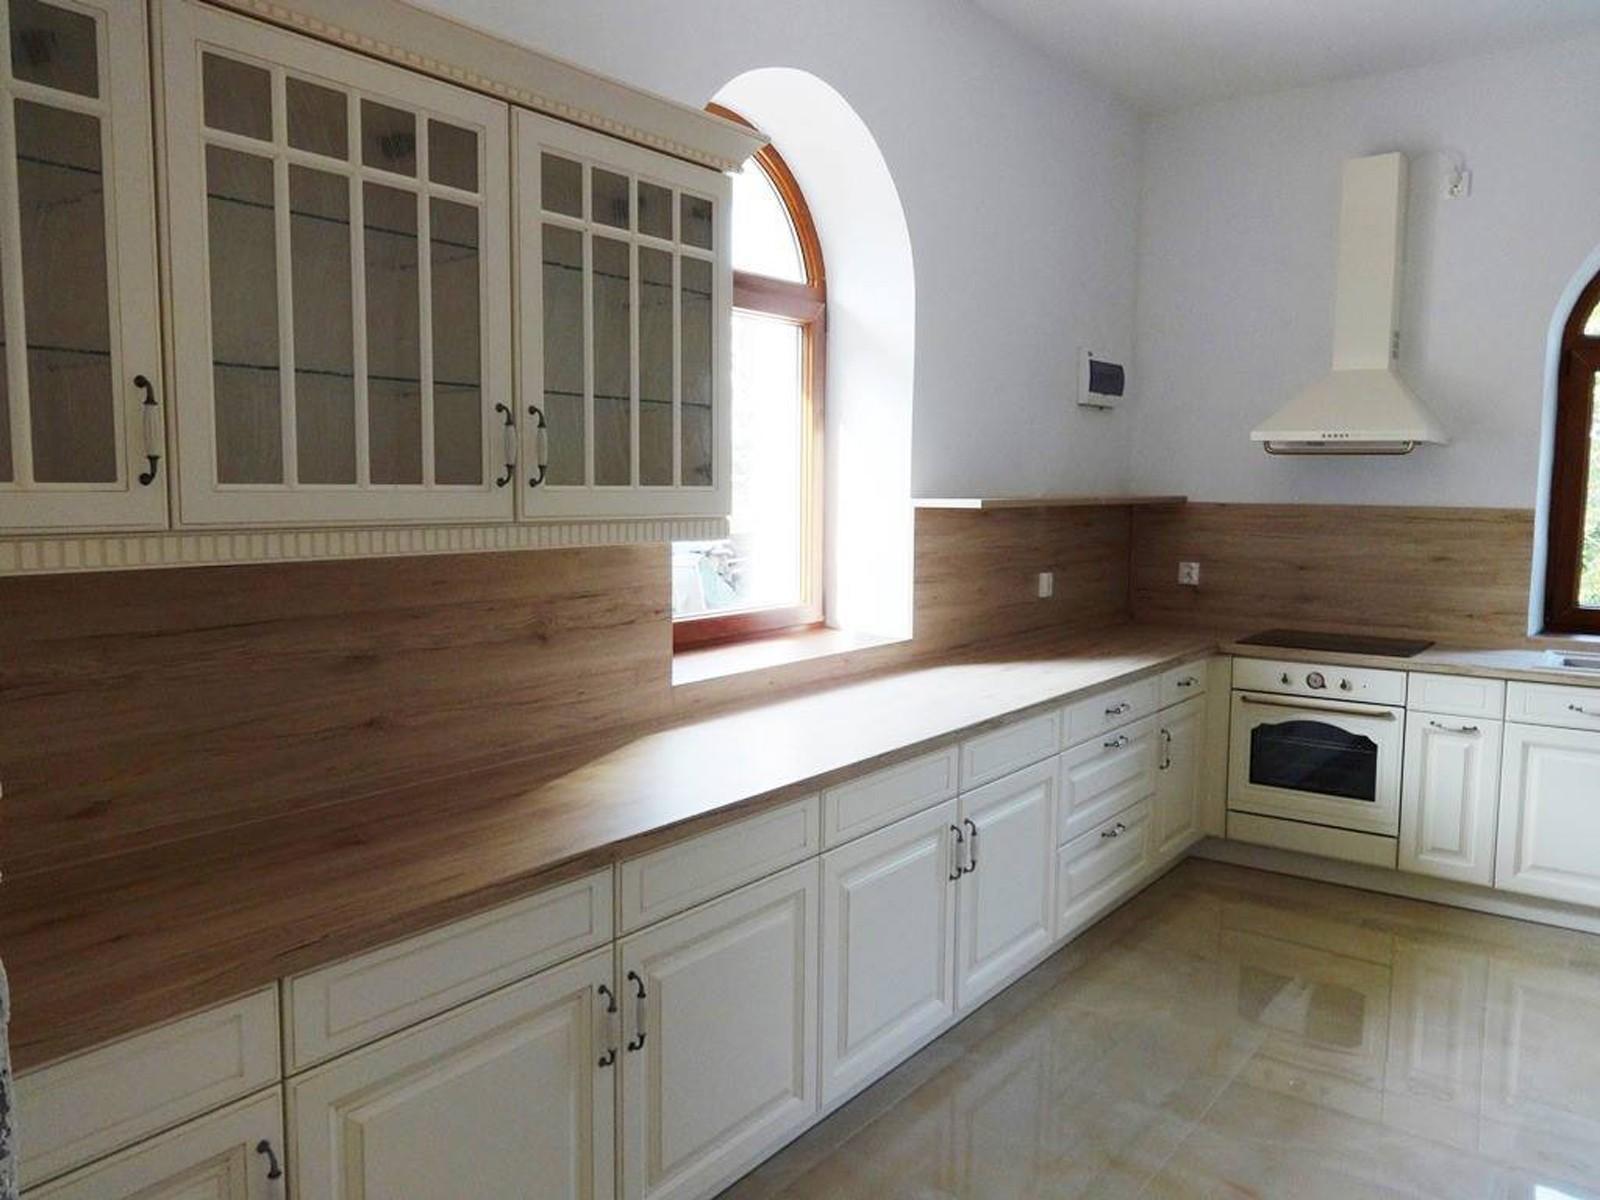 Referință - Bucătărie clasică Nobilia Castello - Bej antichizat / Stejar Sanremo